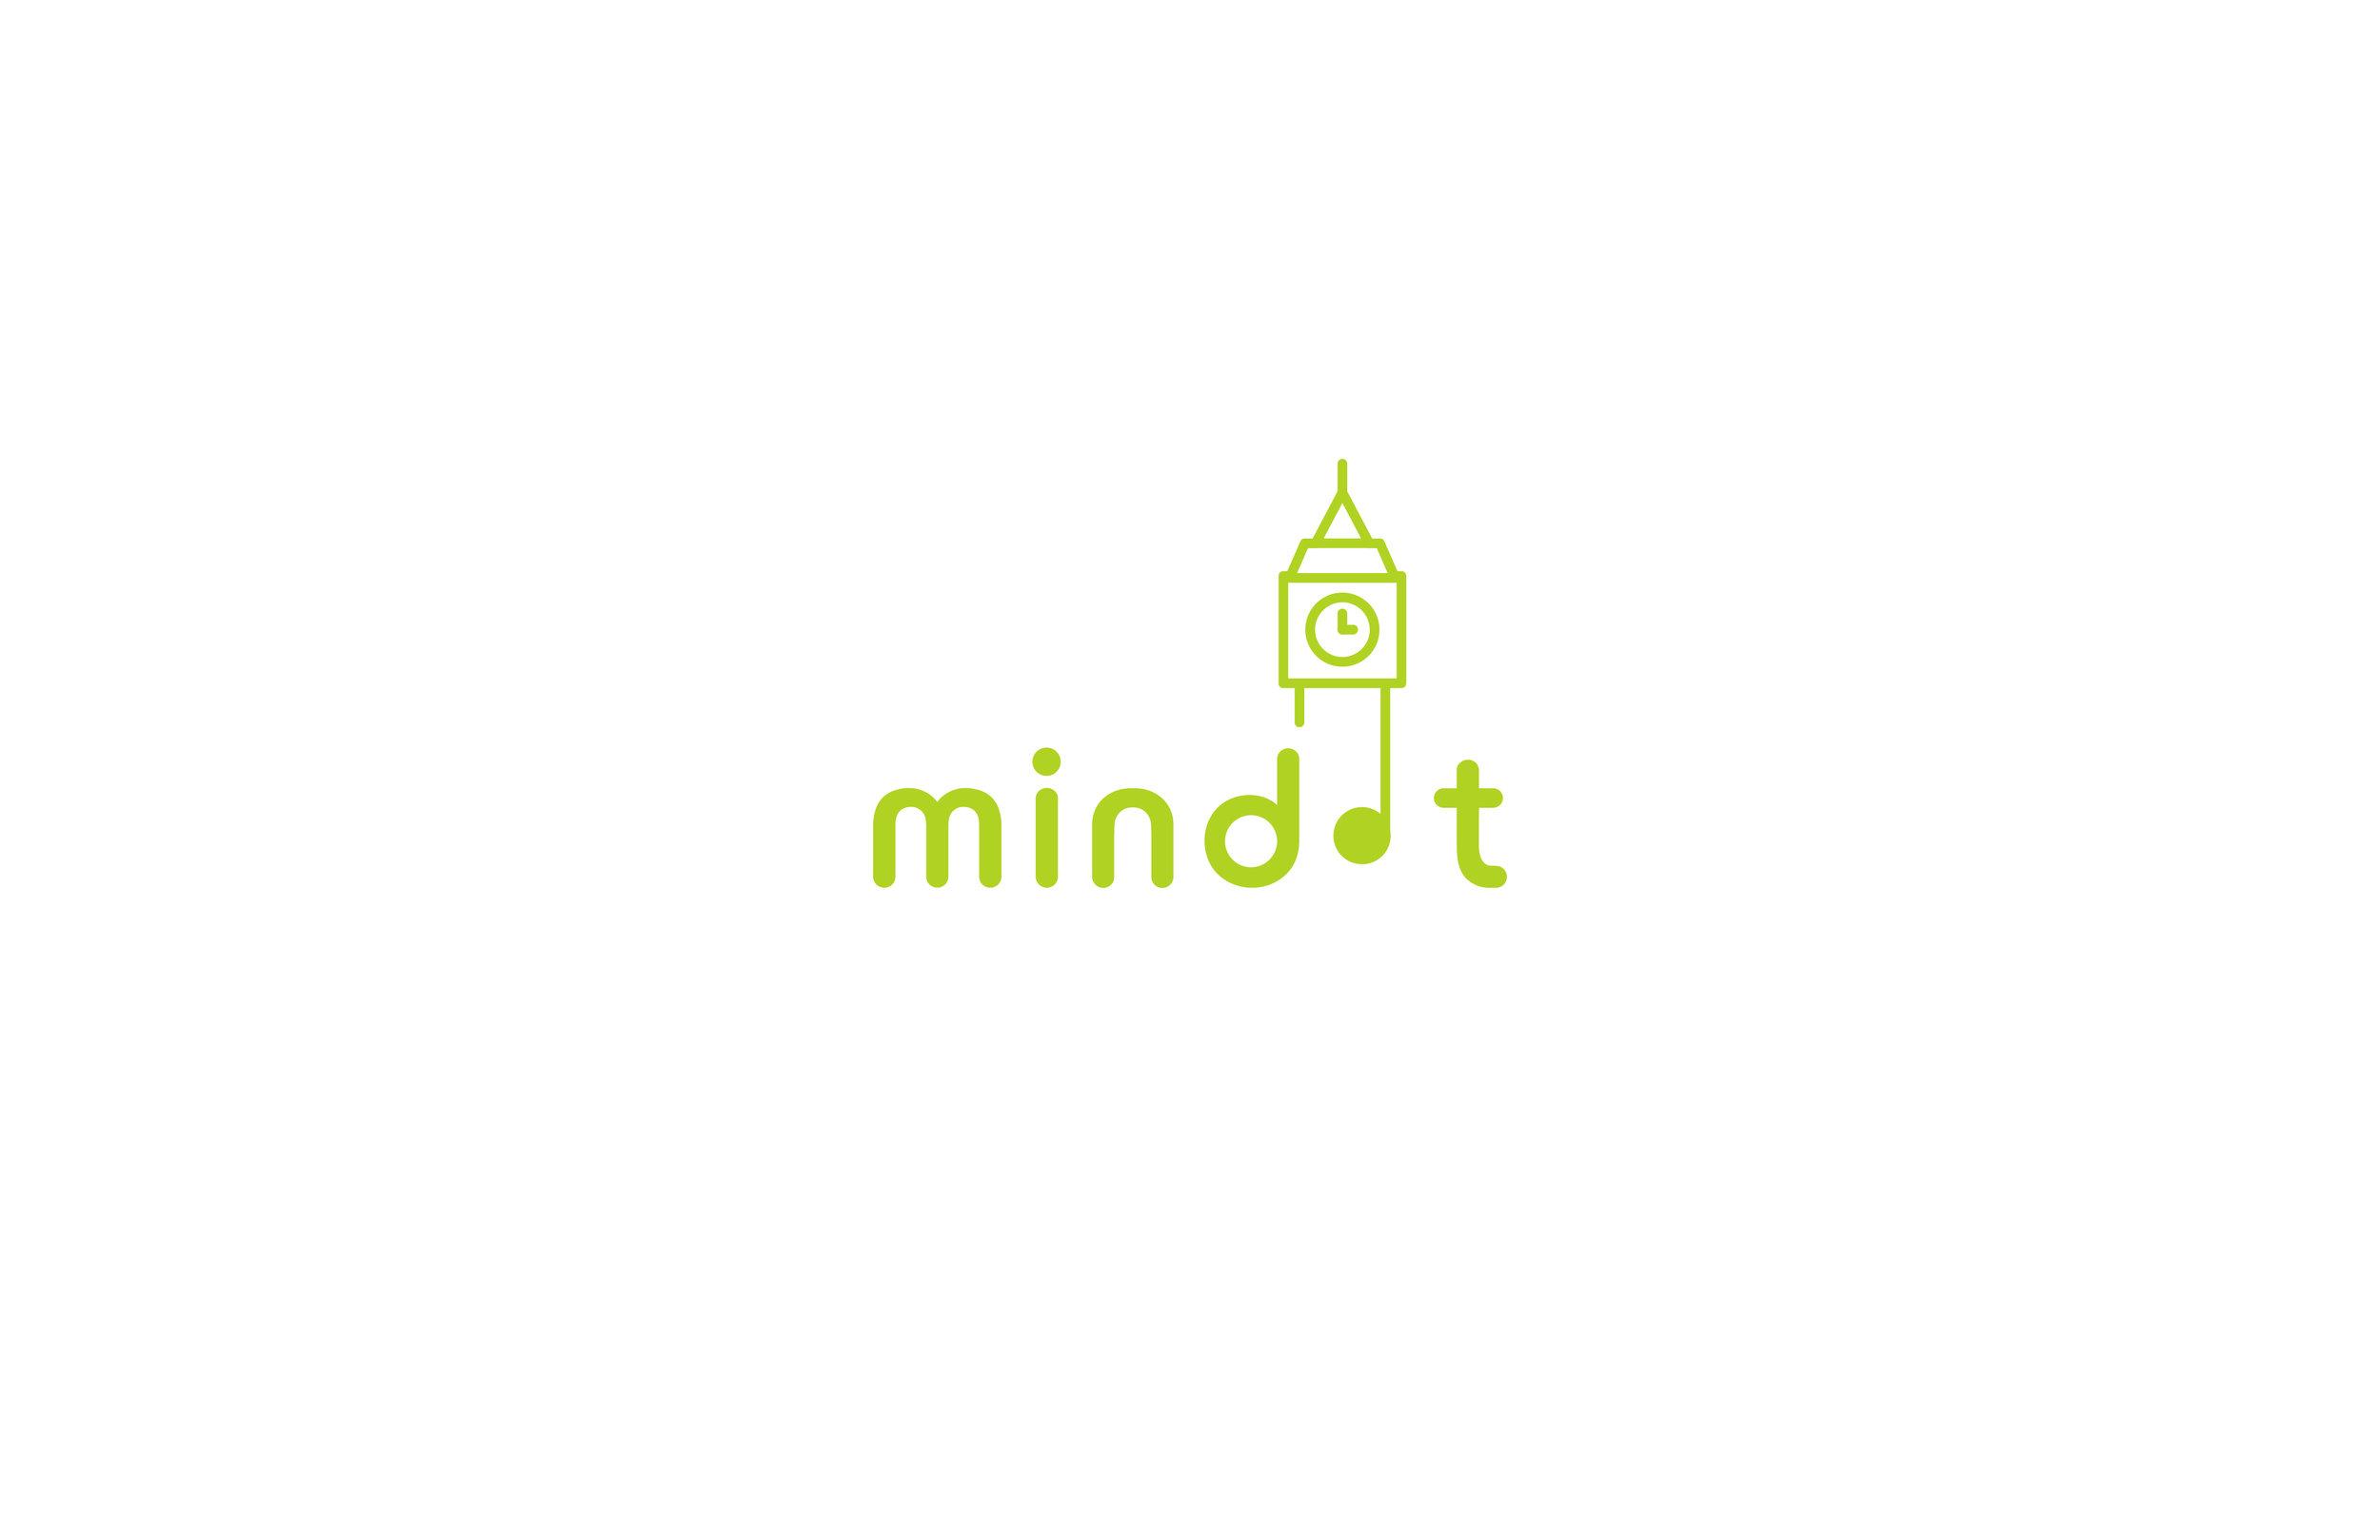 mindot_branding_12312016-15.jpg